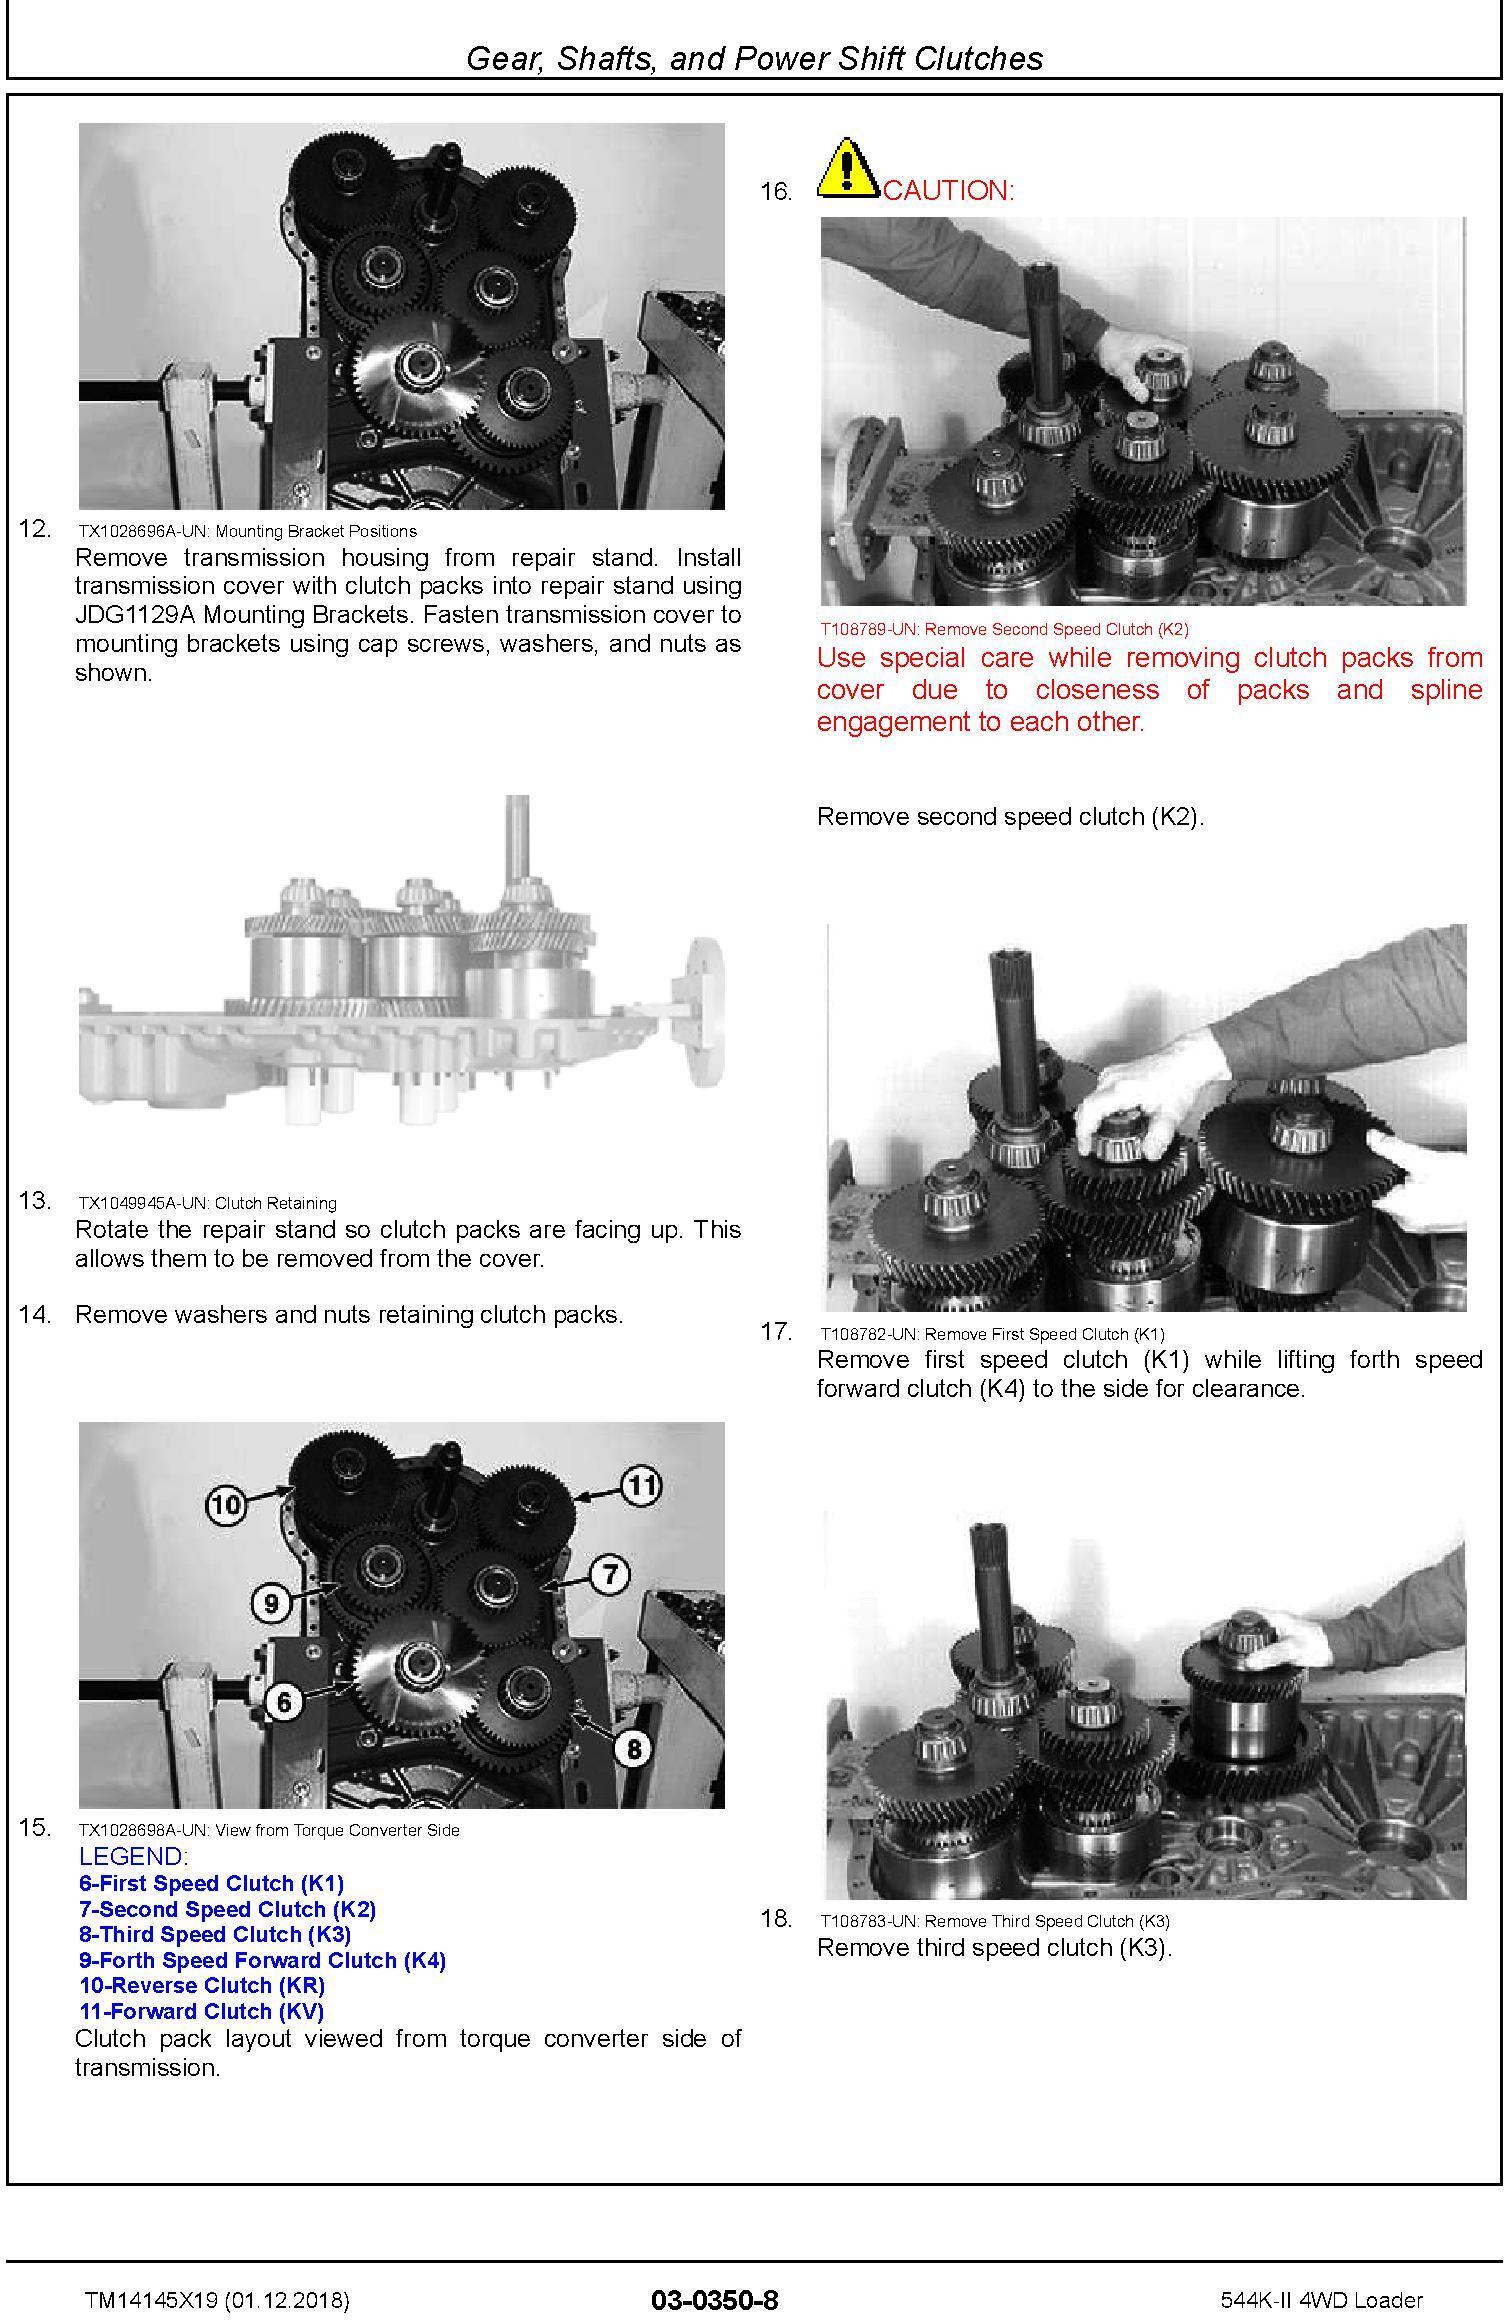 John Deere 544K-II (SN. D677549-) 4WD Loader Repair Technical Service Manual (TM14145X19) - 1